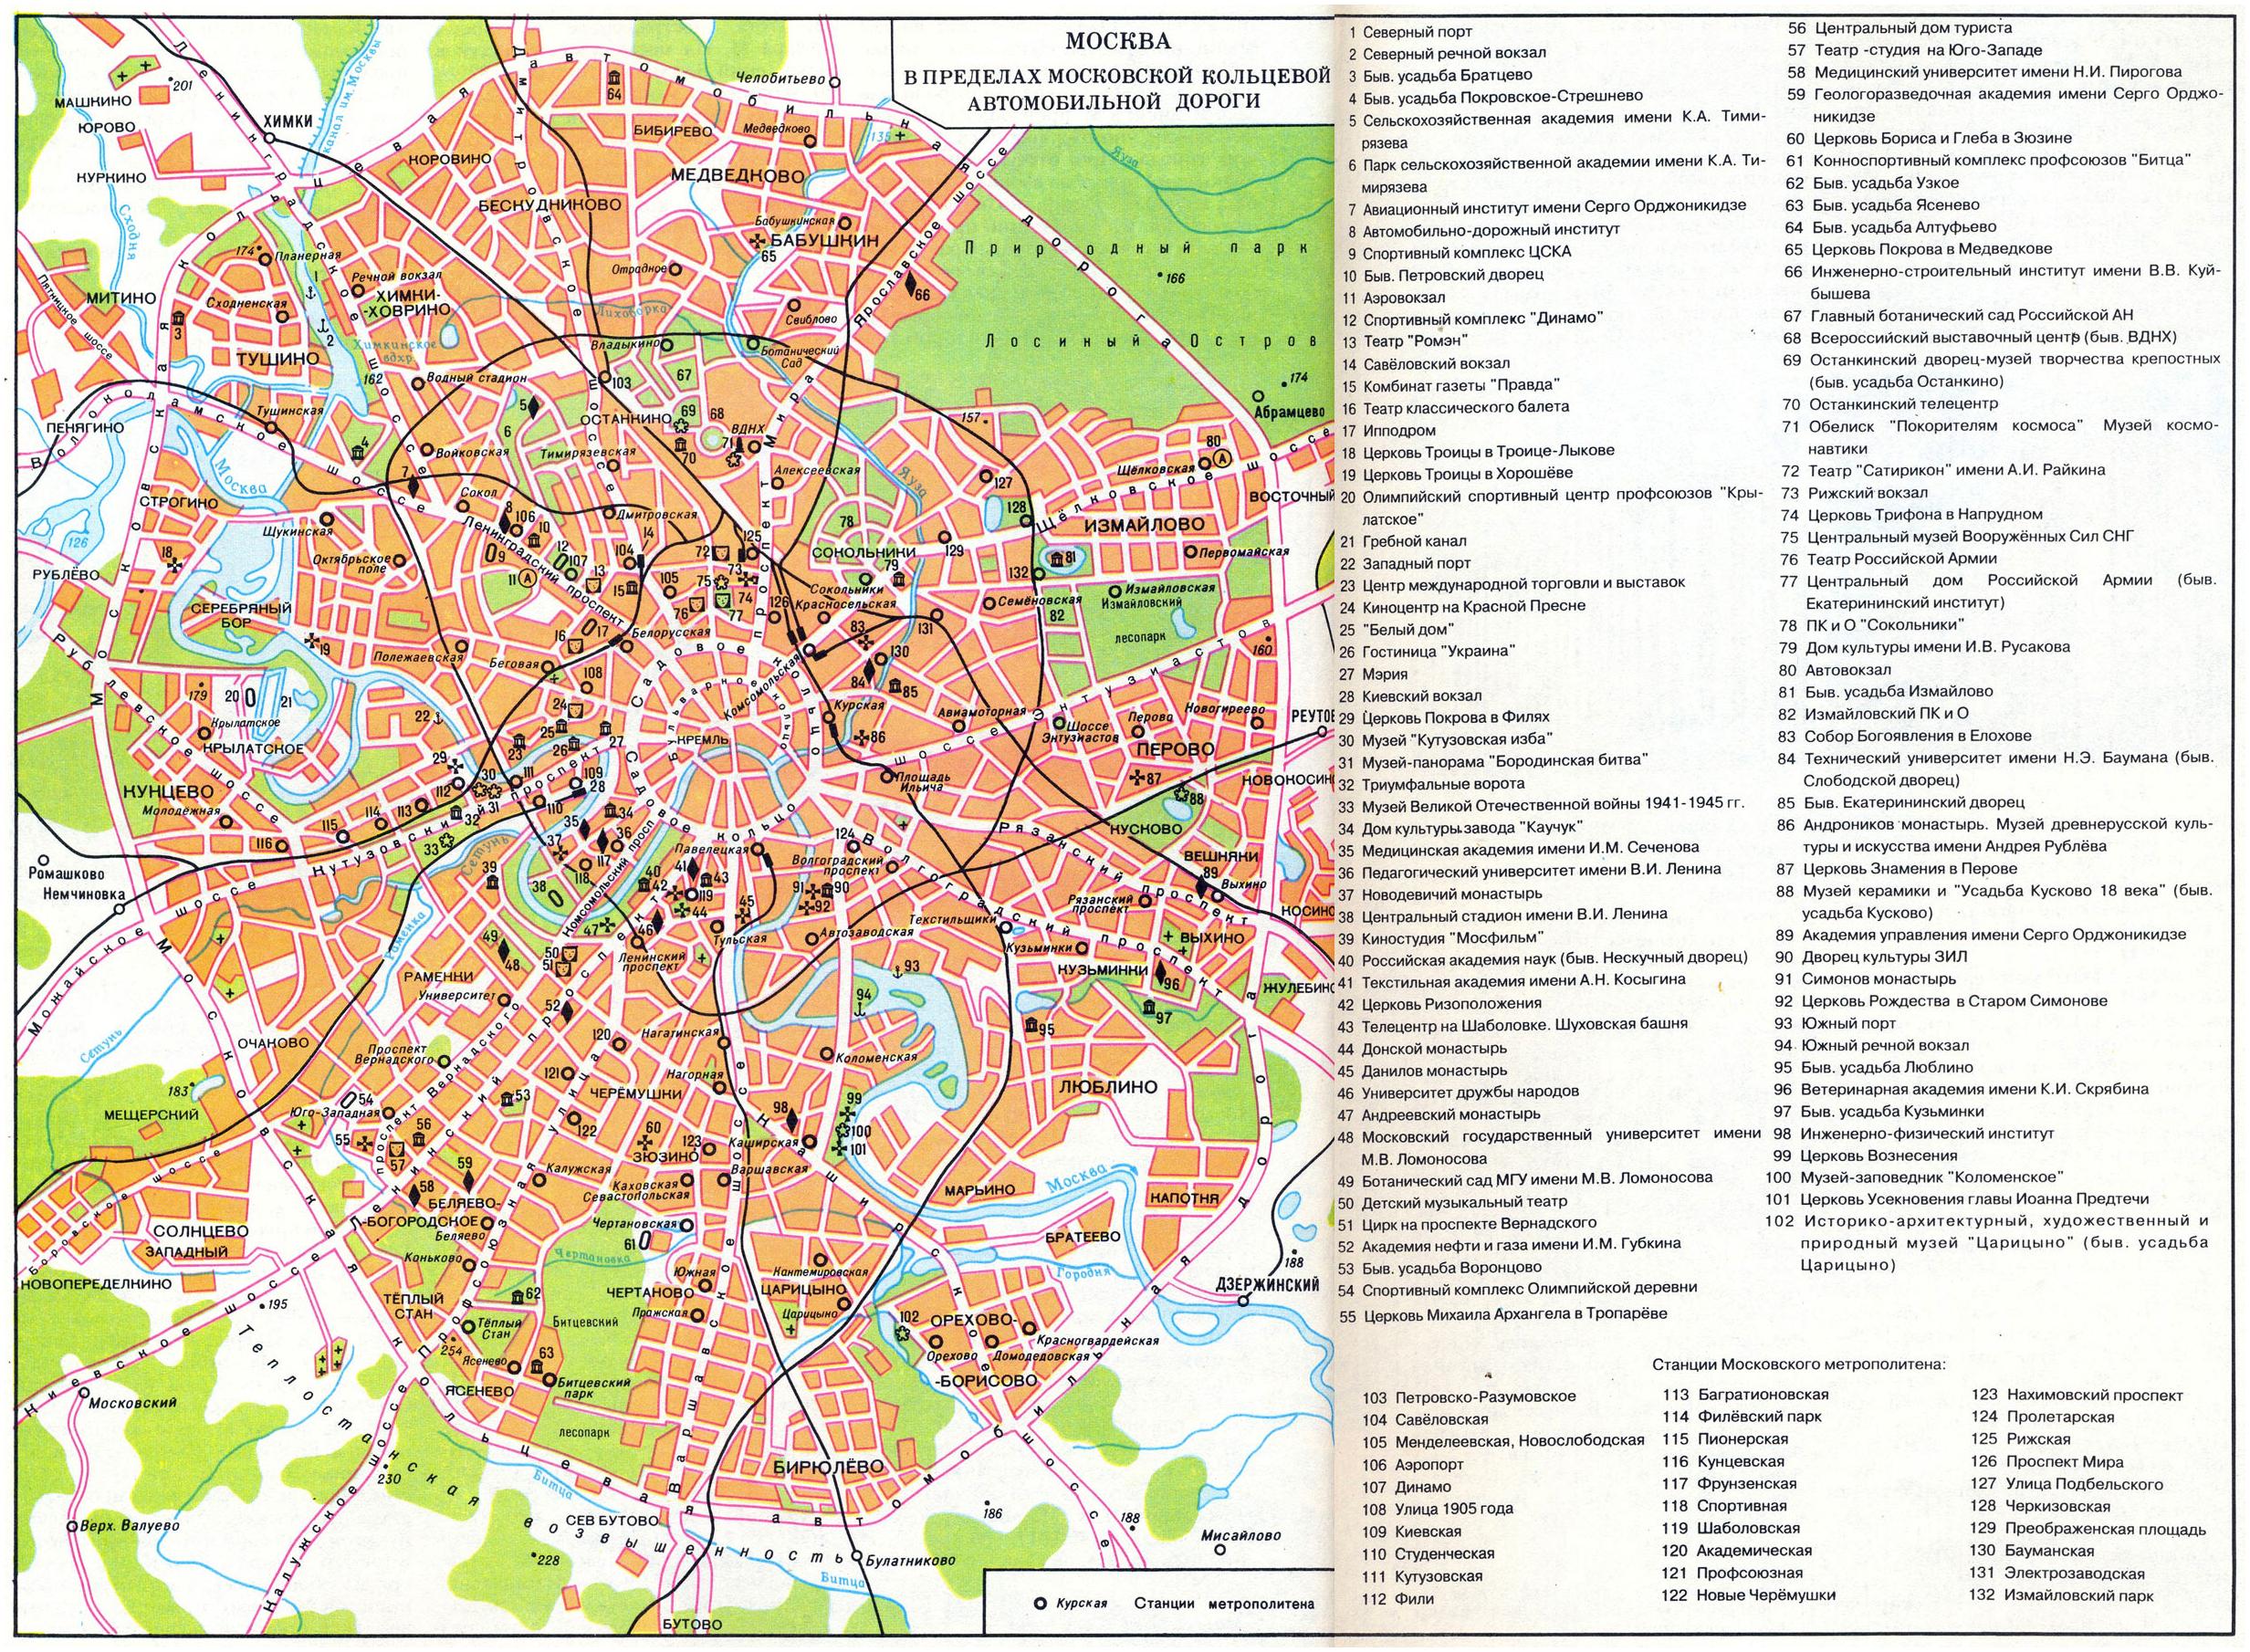 карта московской области карта дорог кредит онлайн по паспорту на карту другого владельца